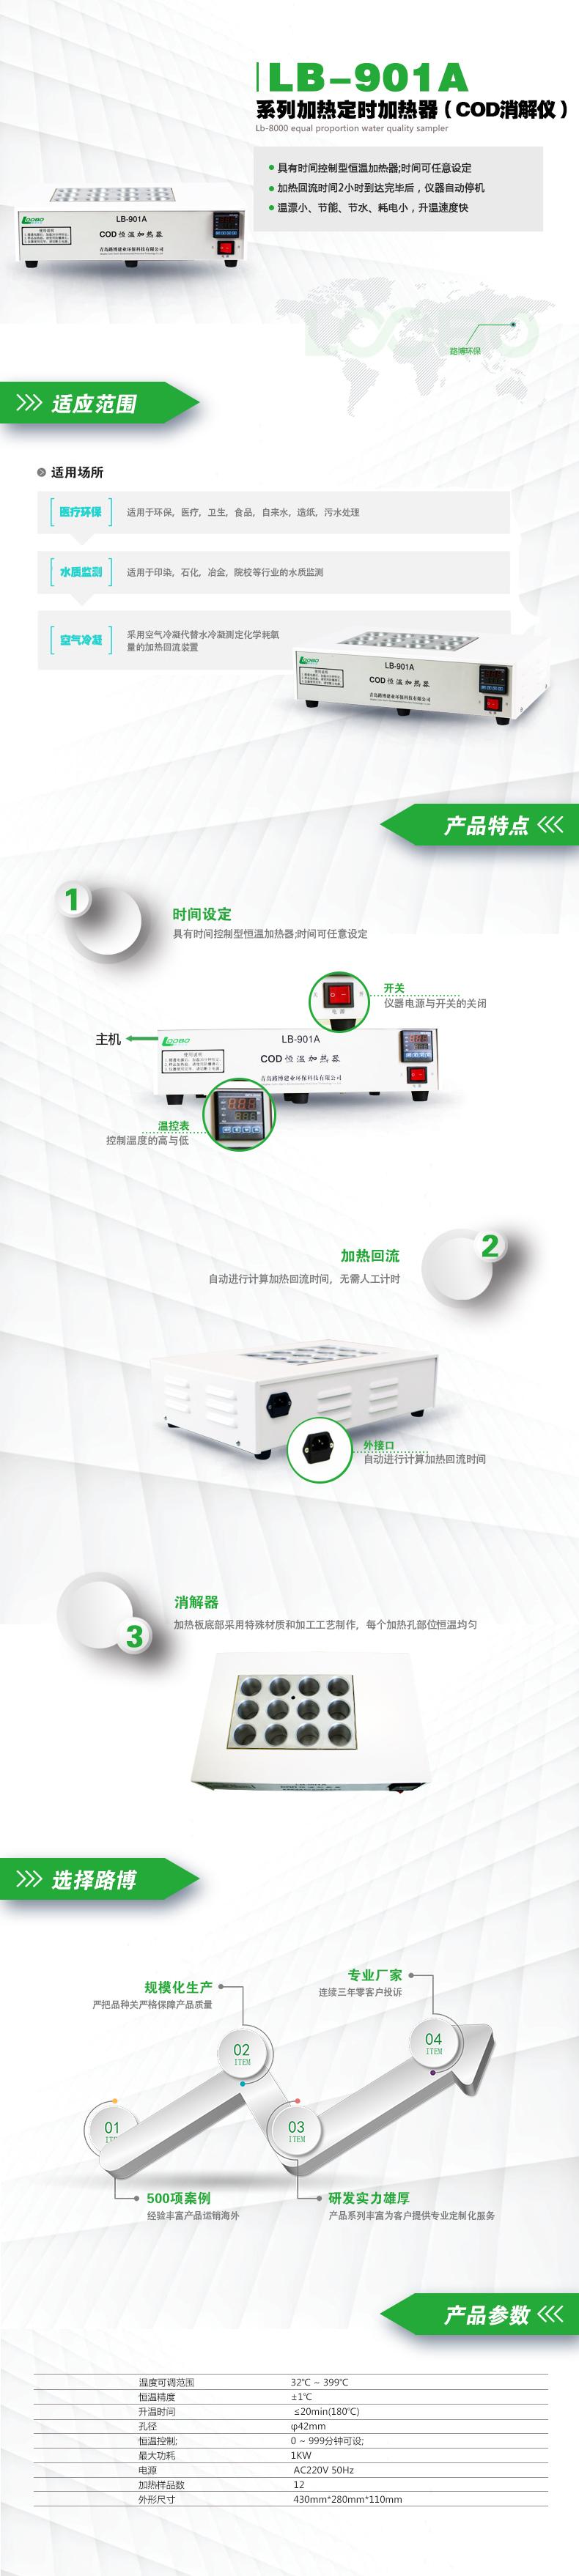 LB-901A系列加热定时加热器(COD消解仪).jpg